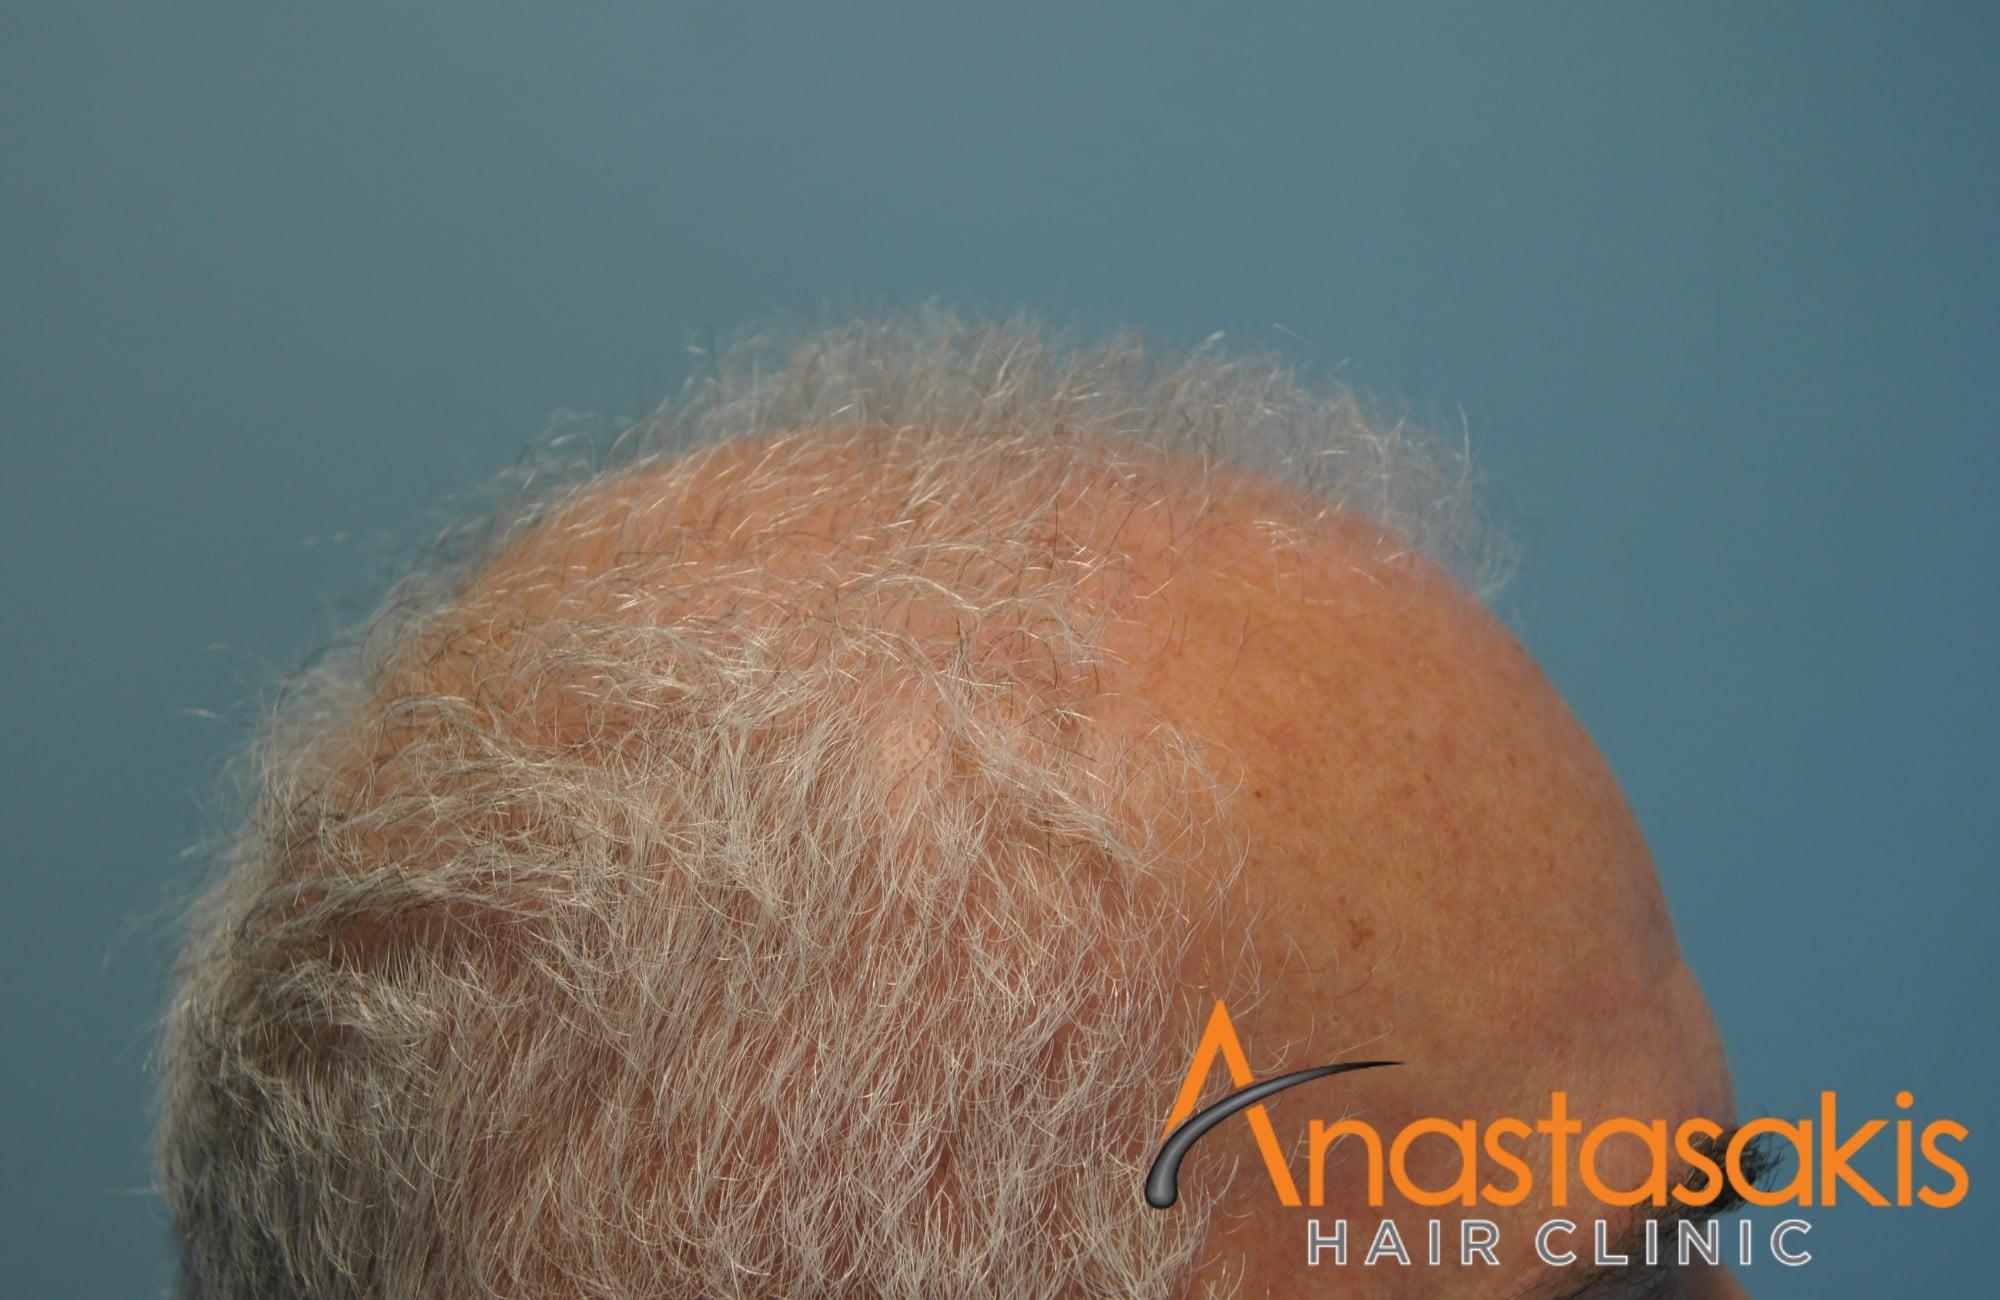 αριστερό προφίλ ασθενη πριν την εμφύτευση μαλλιών με 3500 fus